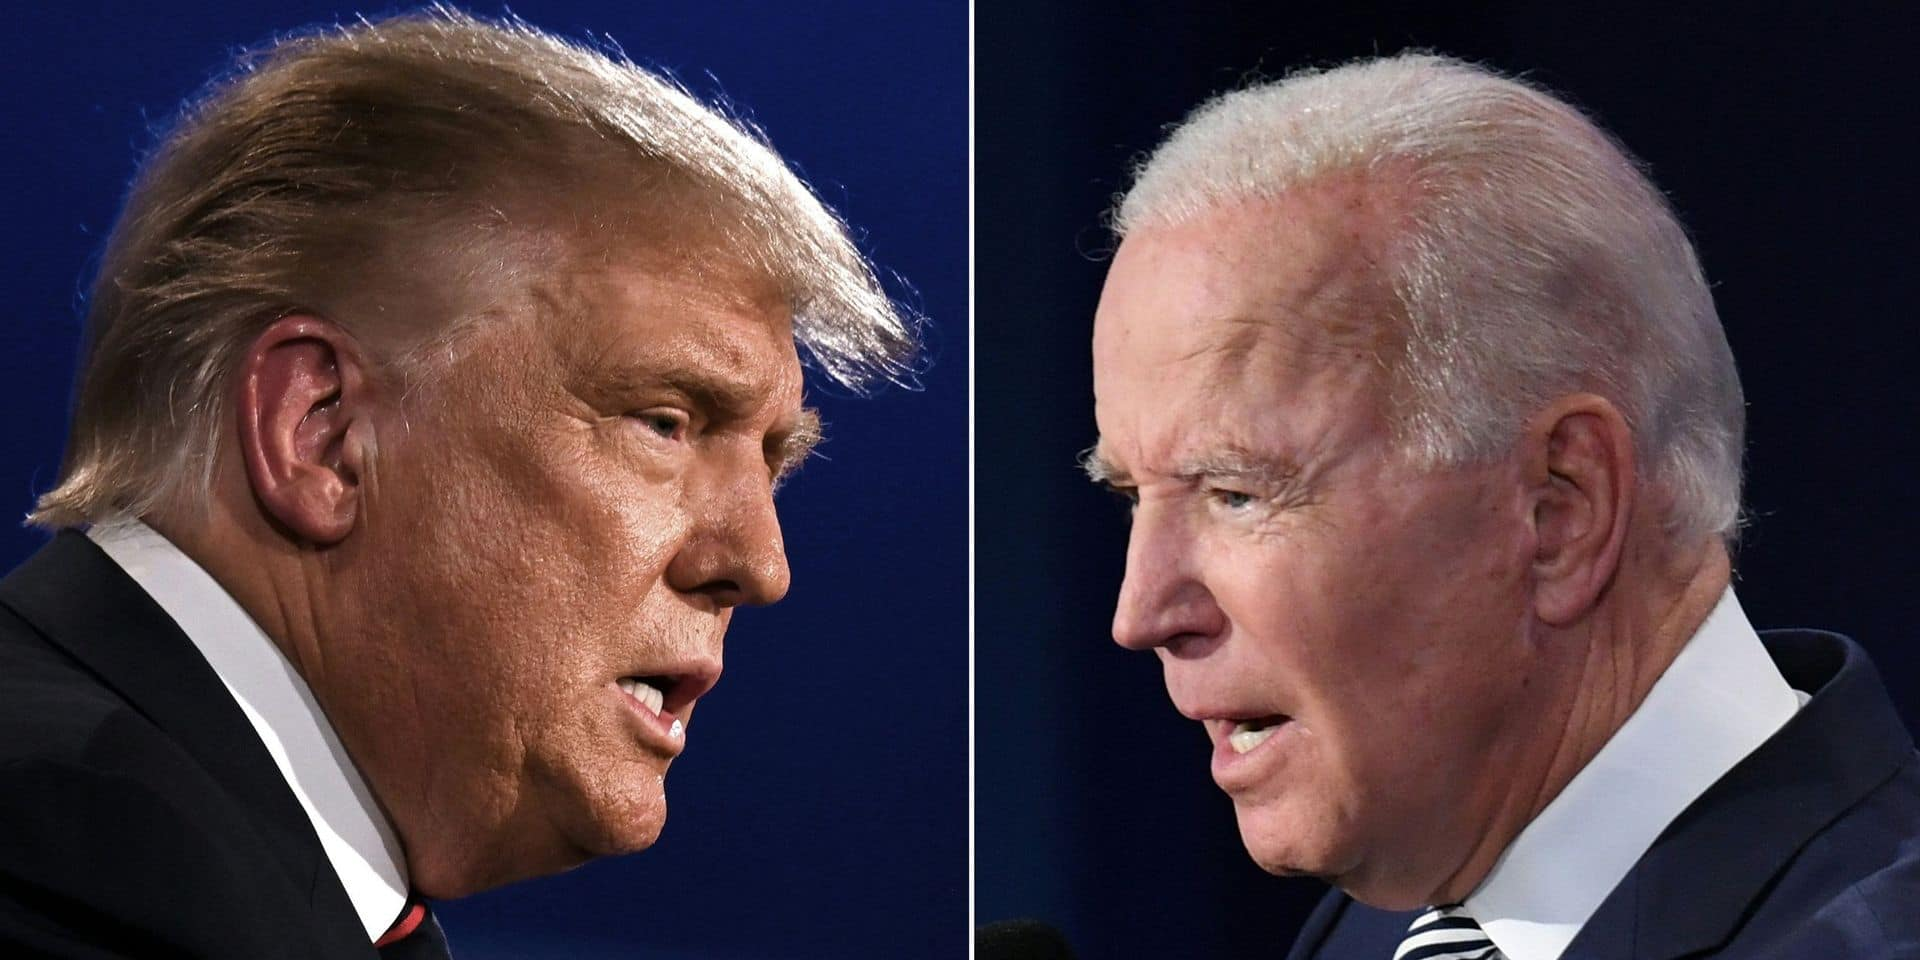 Dernier débat sous haute tension entre Trump et Biden avant l'élection